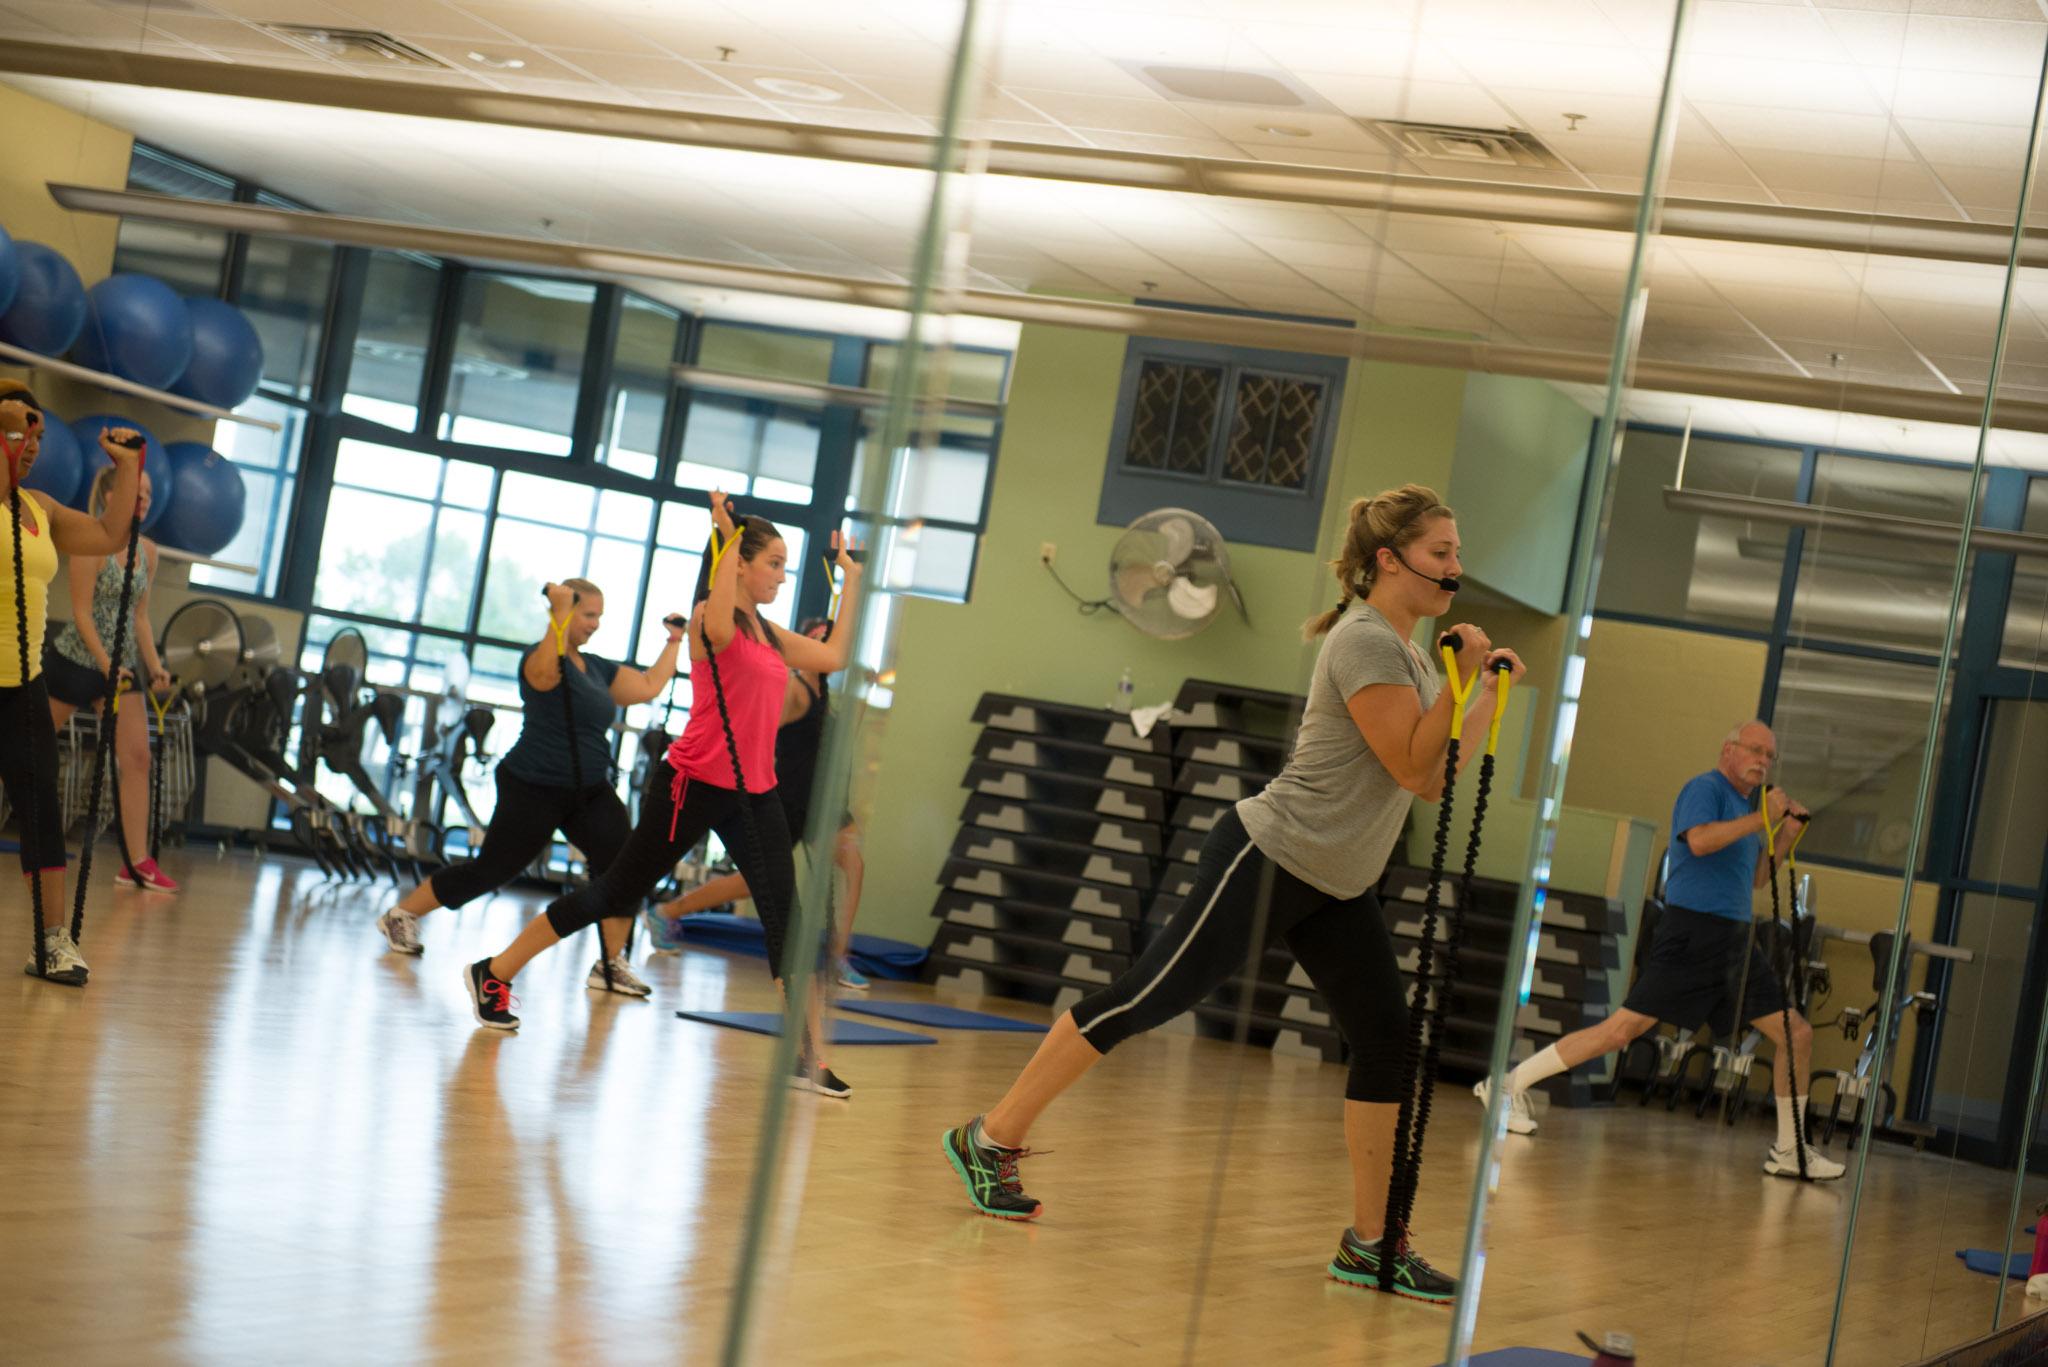 Wellness Center Stock Photos-1016.jpg